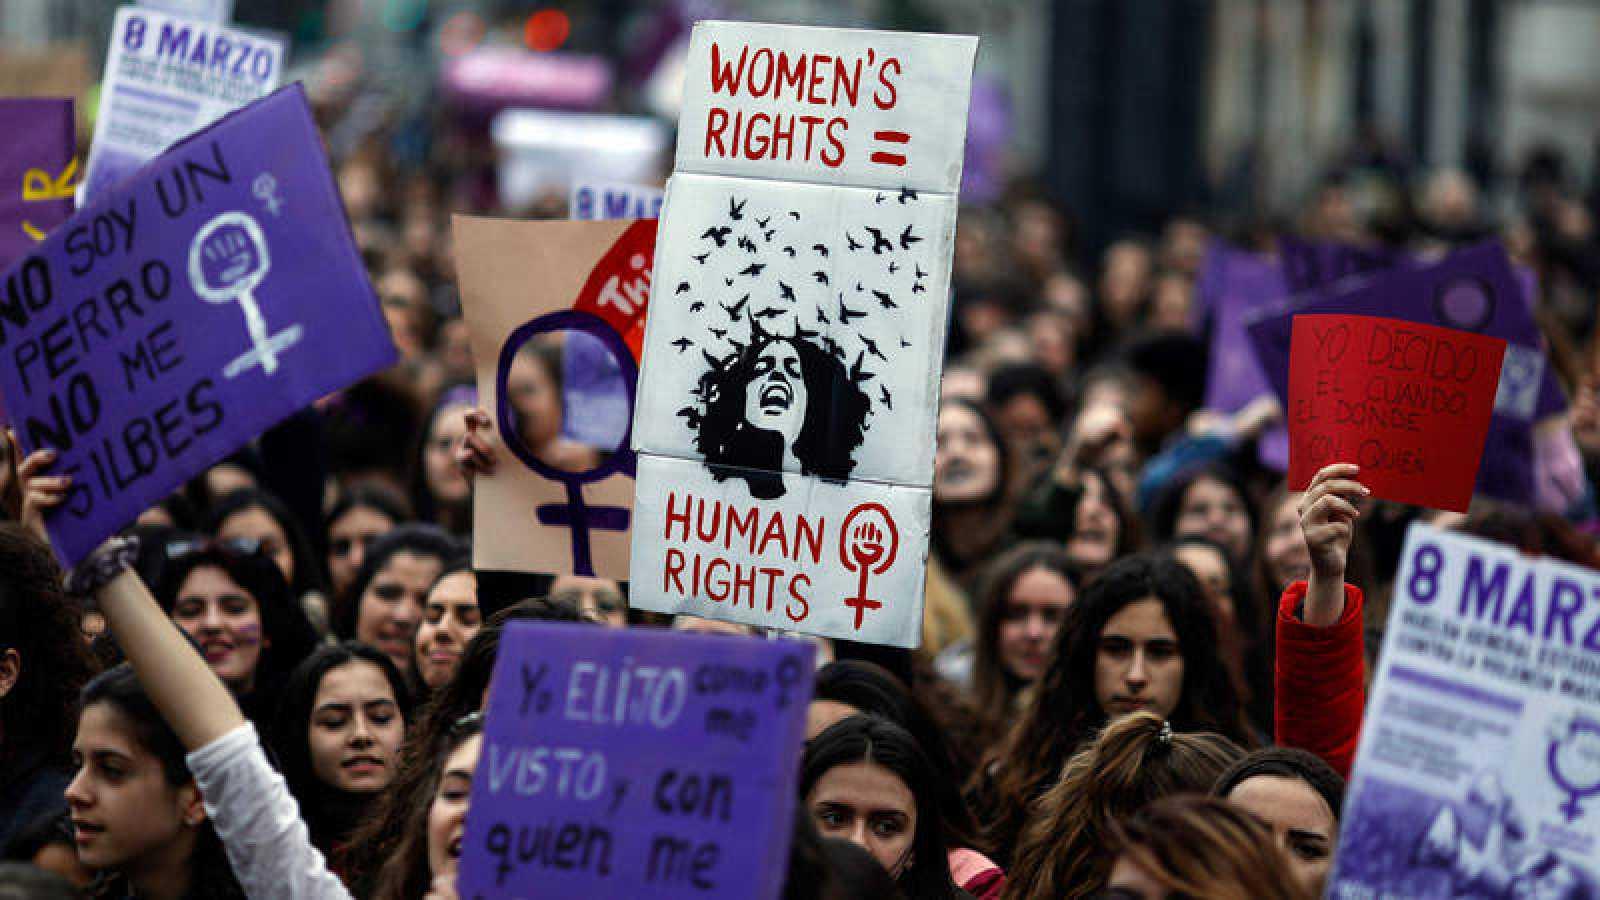 Las organizadoras cifran en un millón los asistentes a la manifestación feminista del 8M